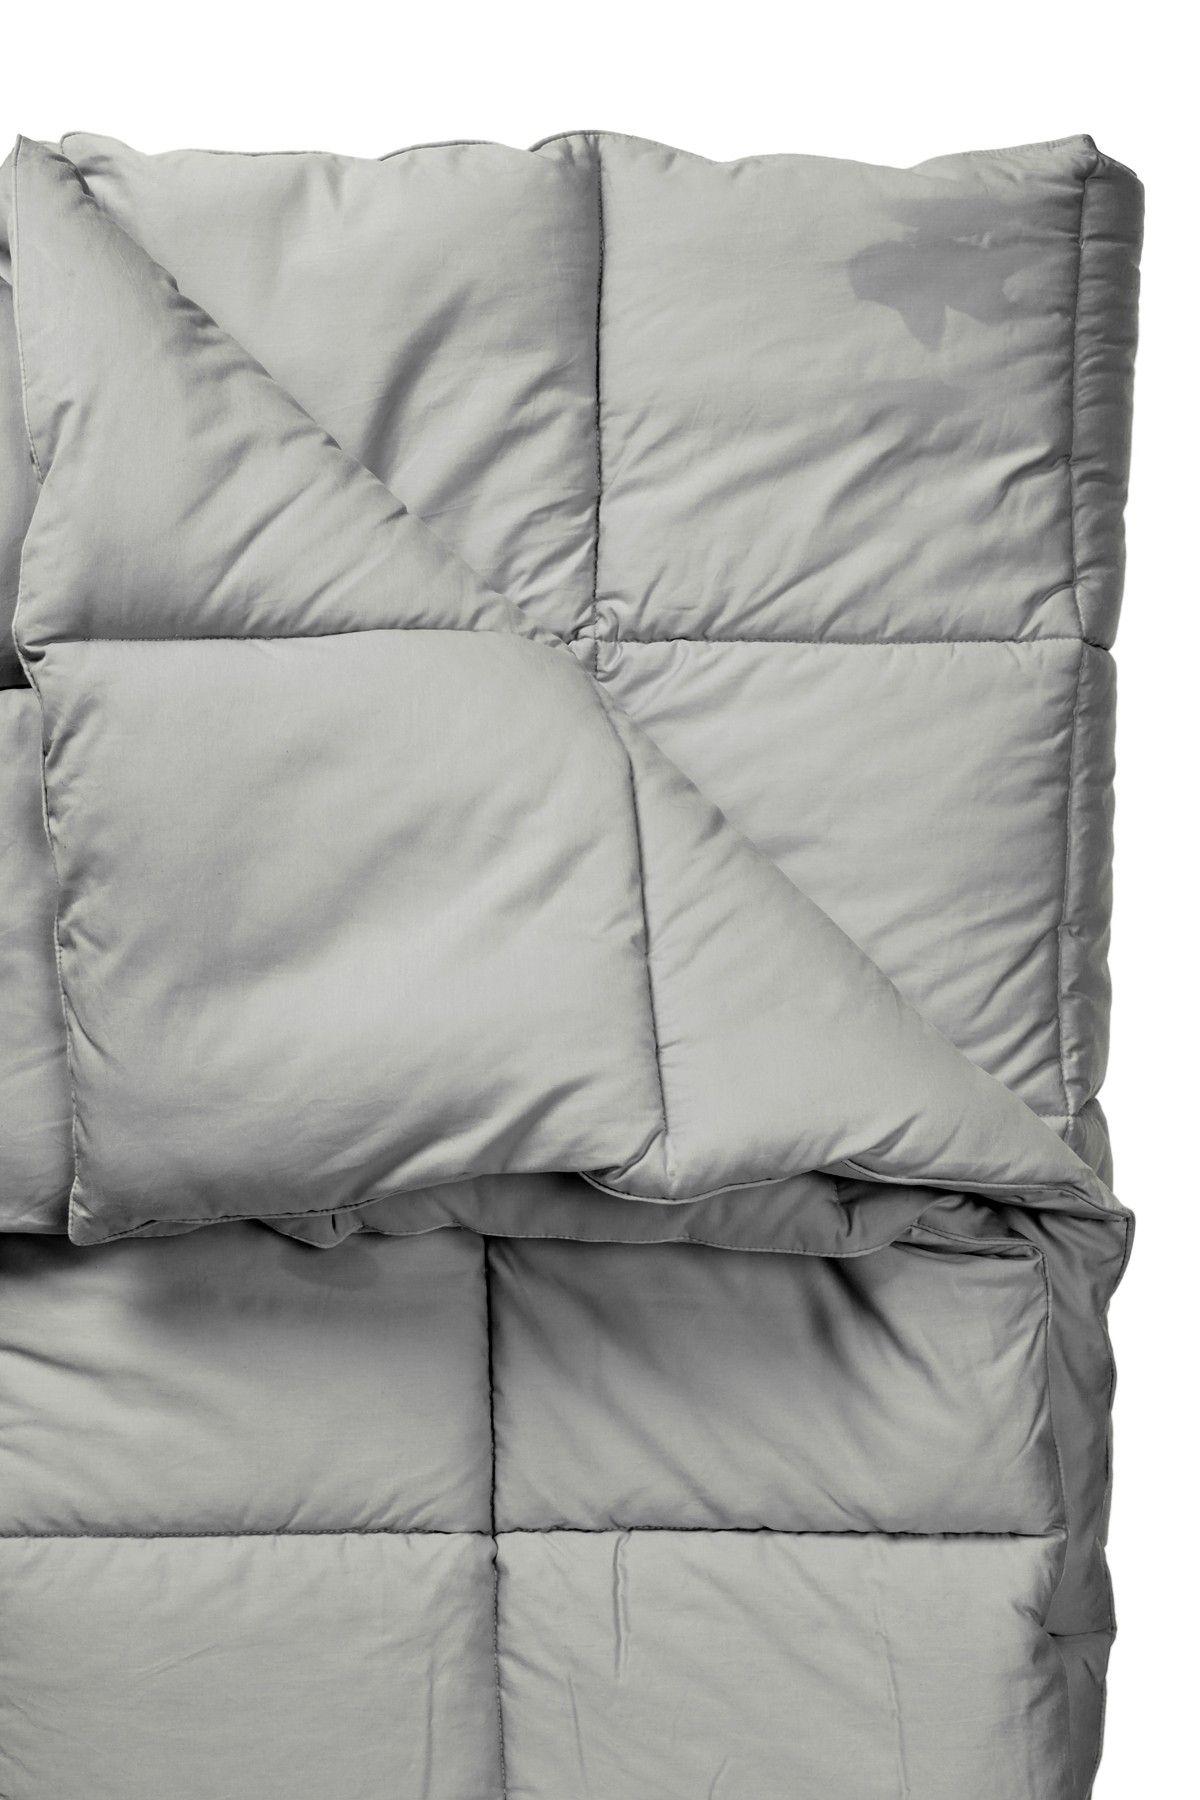 Nordstrom Rack Solid Down Alternative King Comforter Comforters